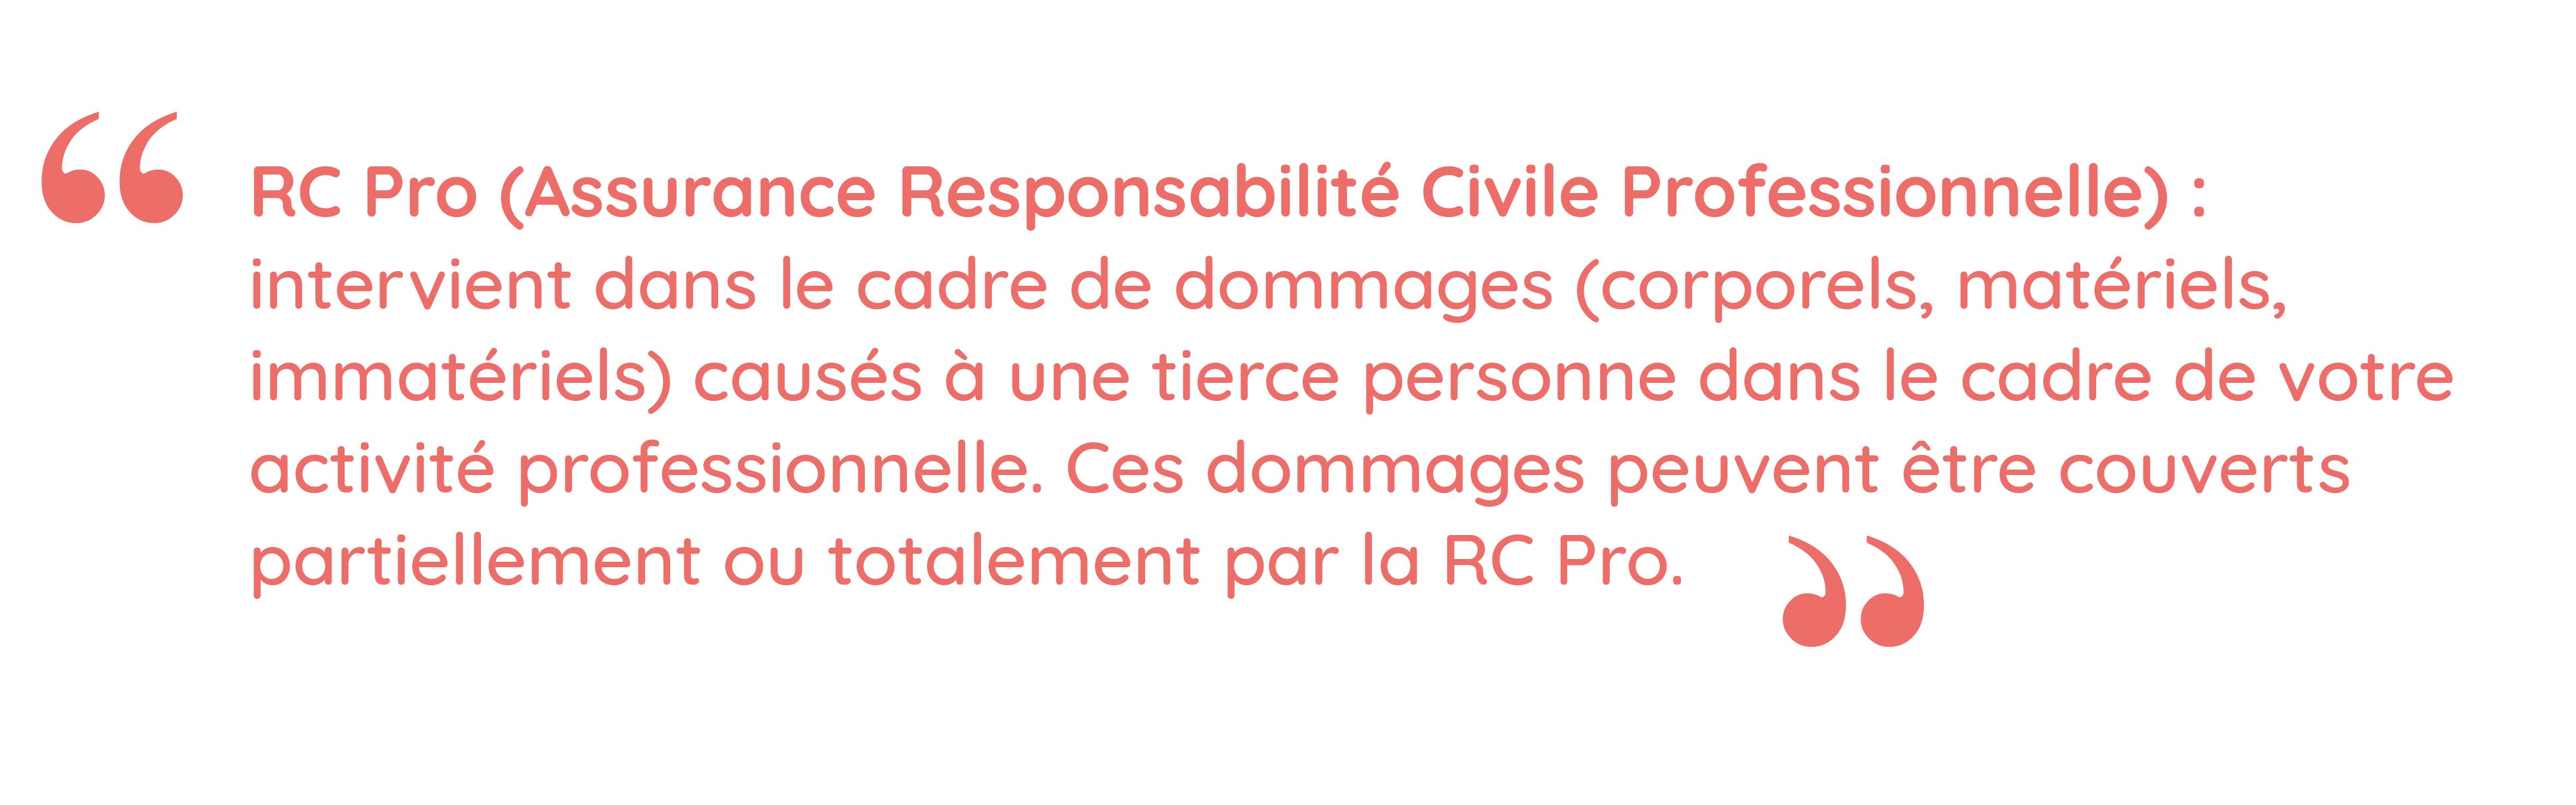 Définition de l'assurance responsabilité professionnelle, ou RC Pro